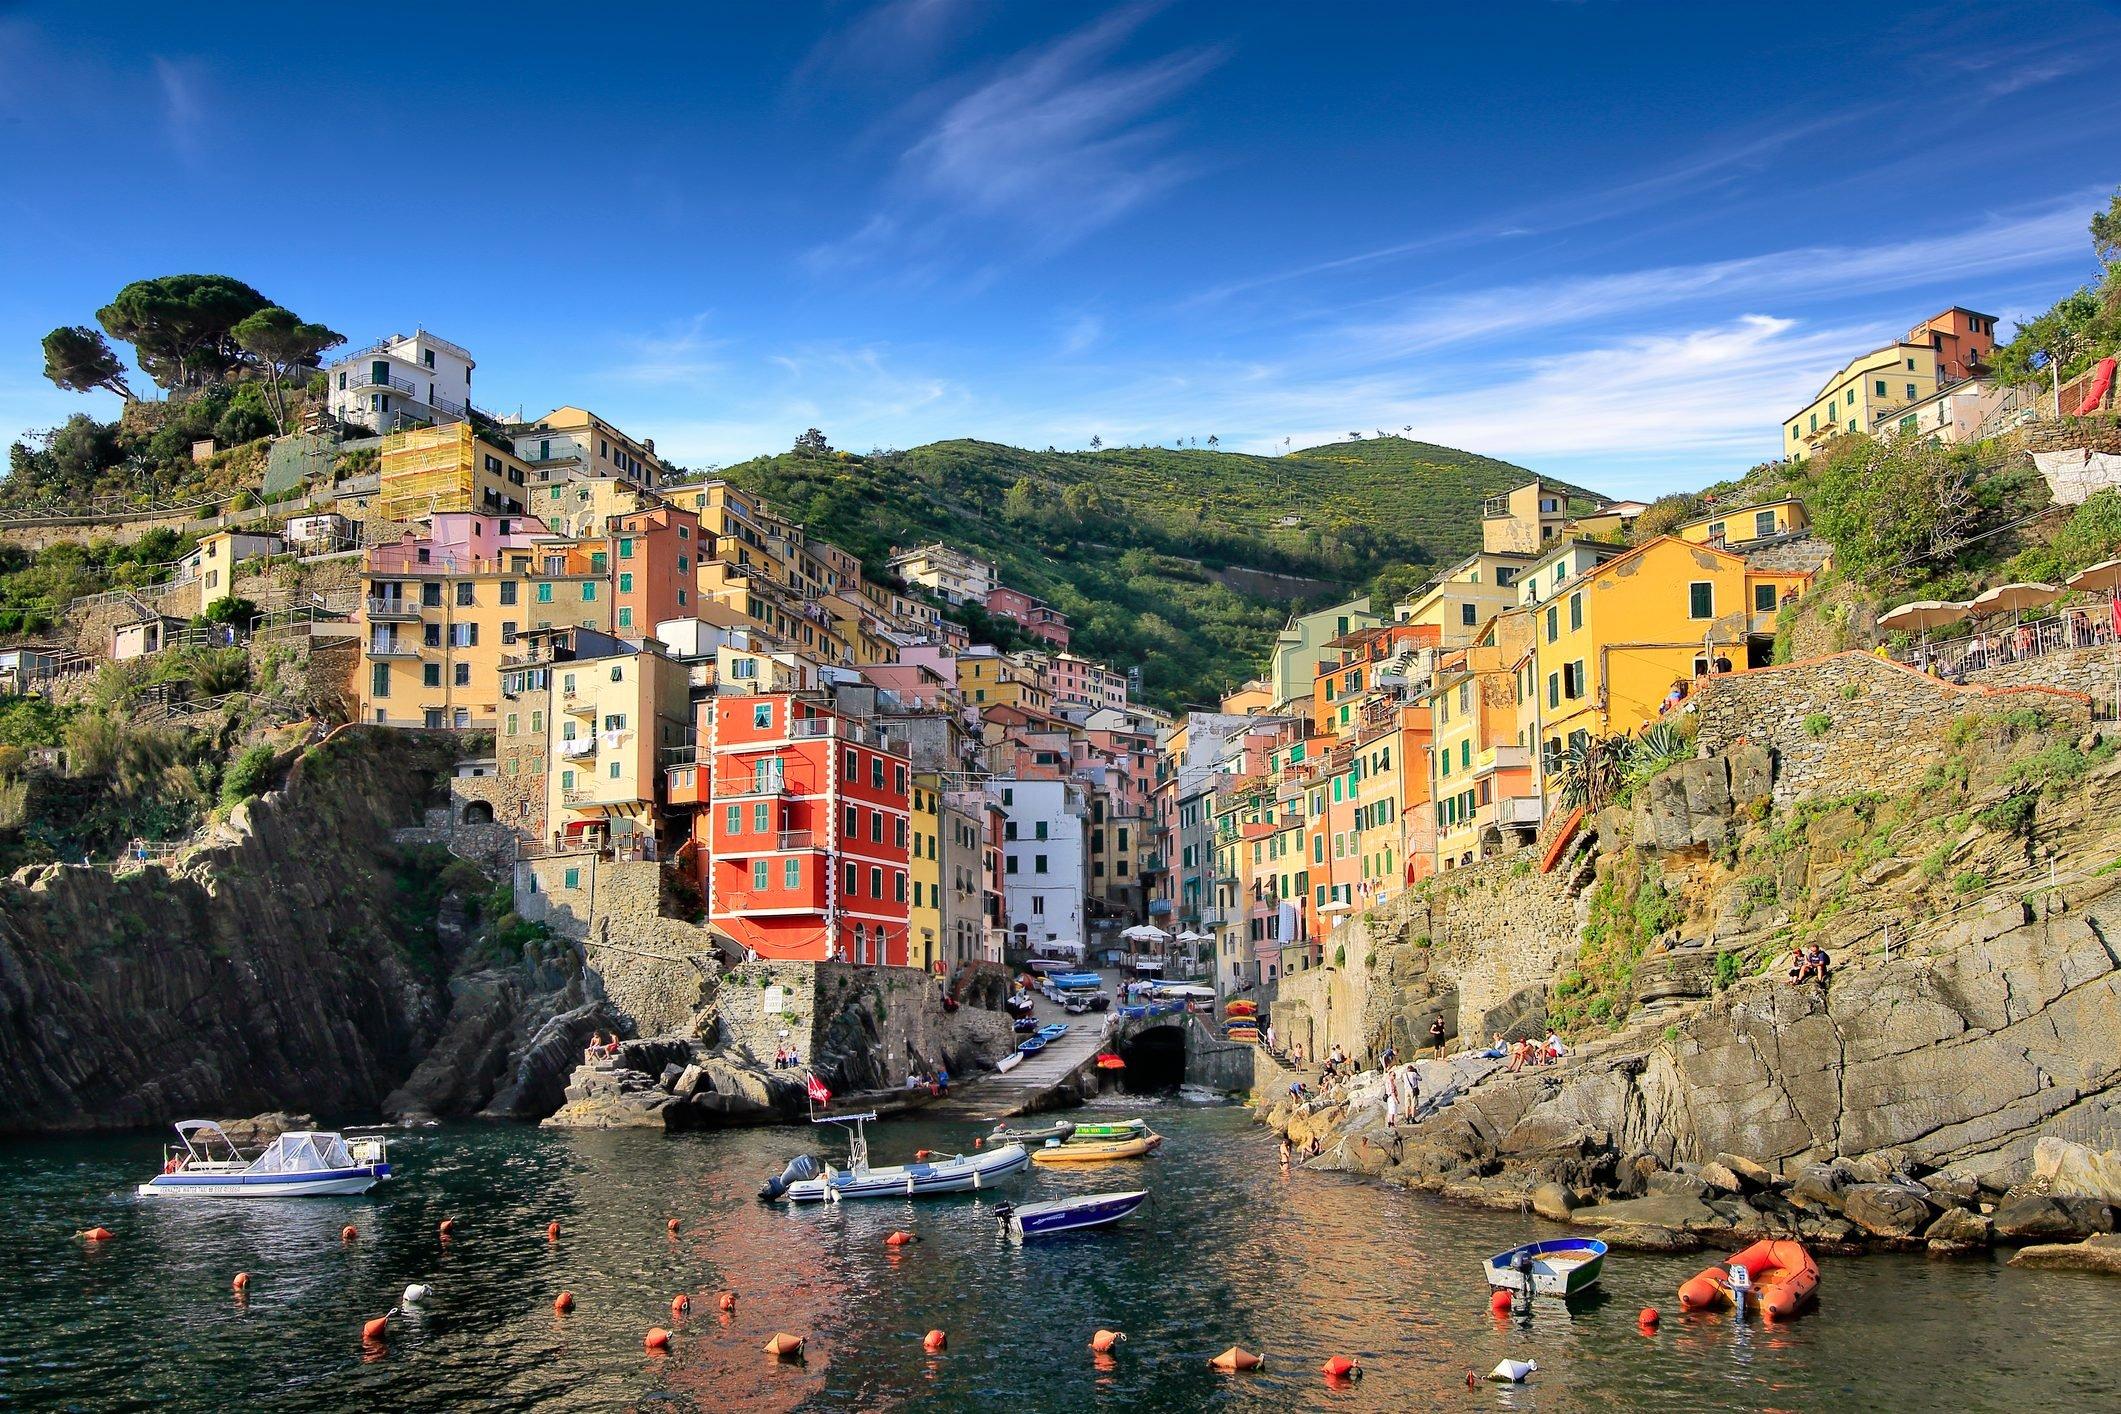 Italy, Liguria, La Spezia, Cinque Terre National Park, Riomaggiore